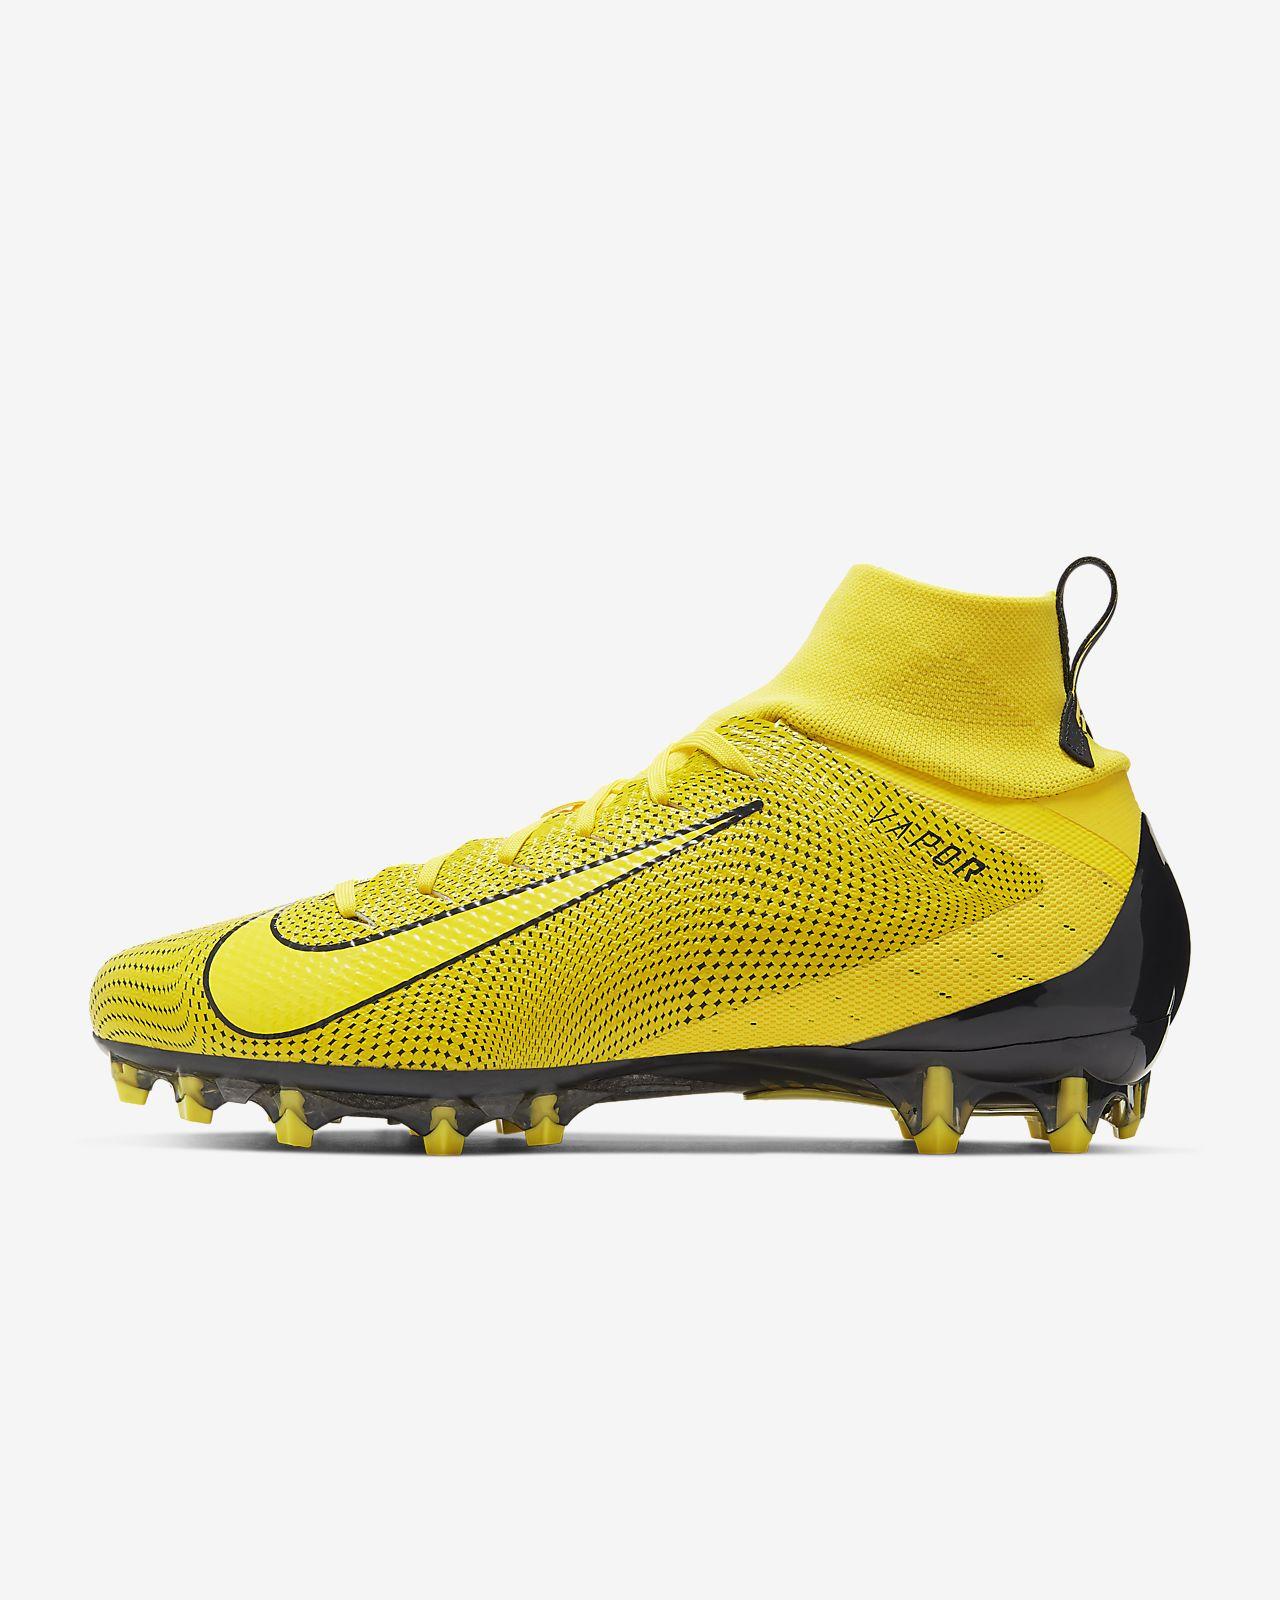 Calzado de fútbol Nike Vapor Untouchable 3 Pro